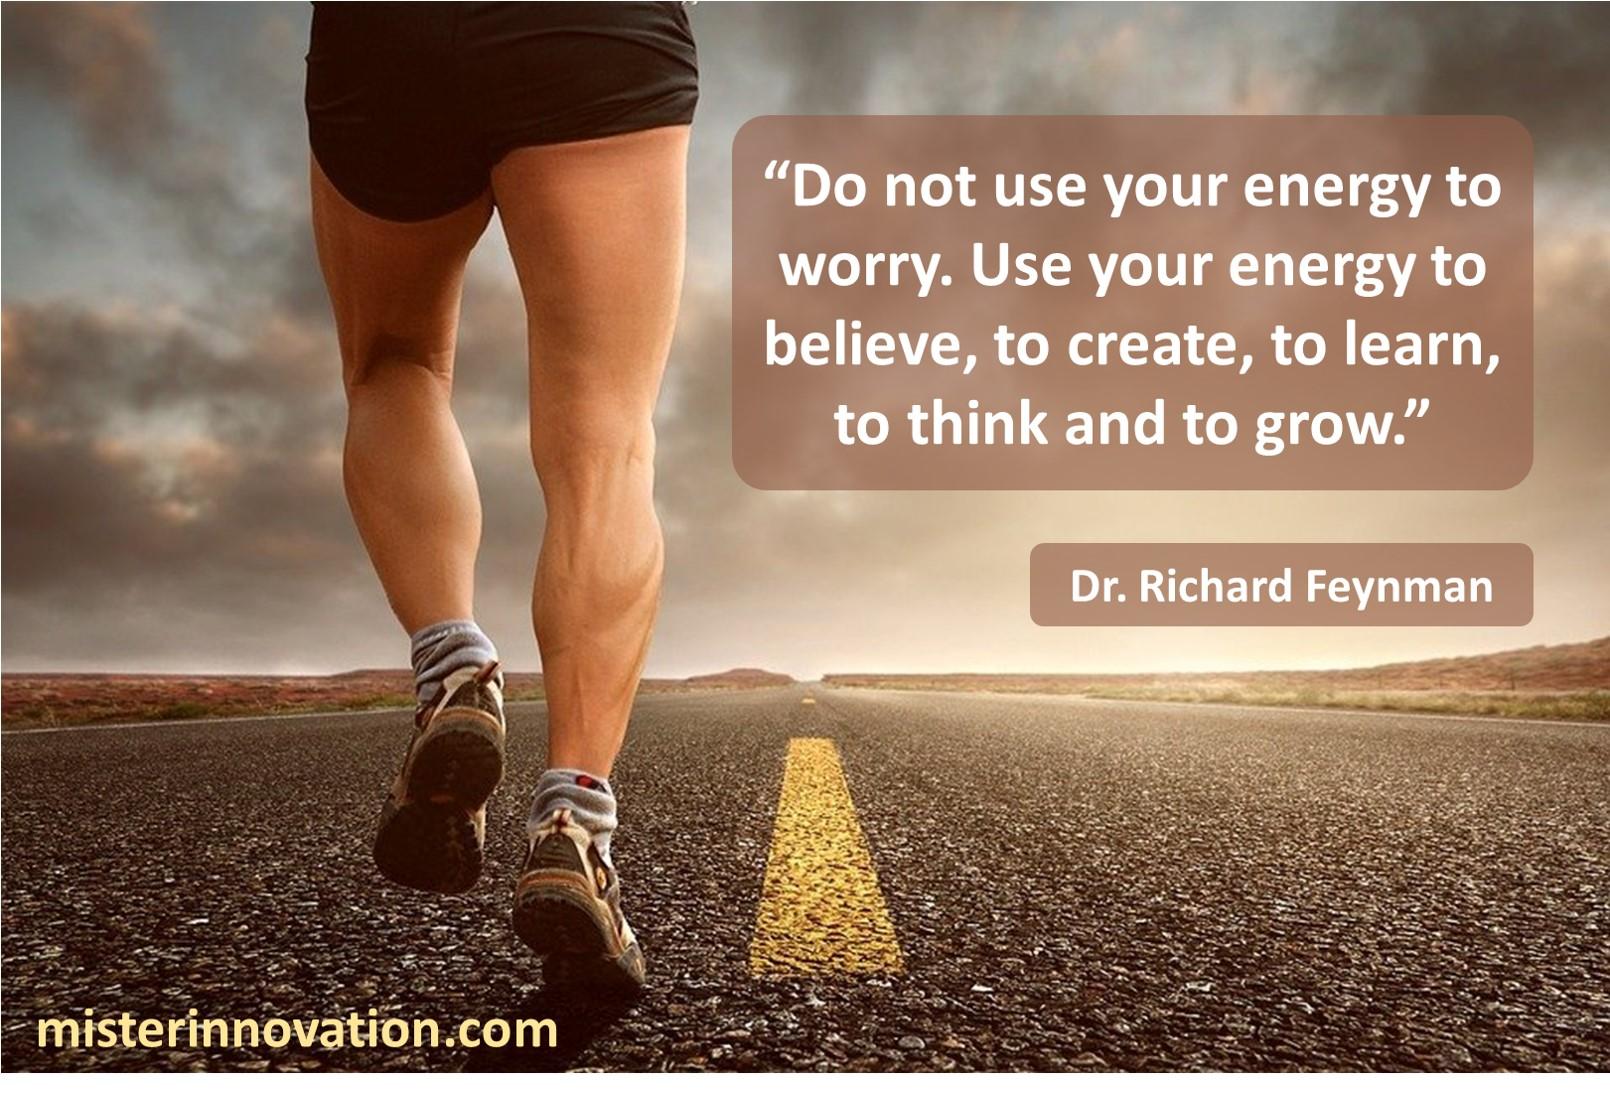 Richard Feynman Energy